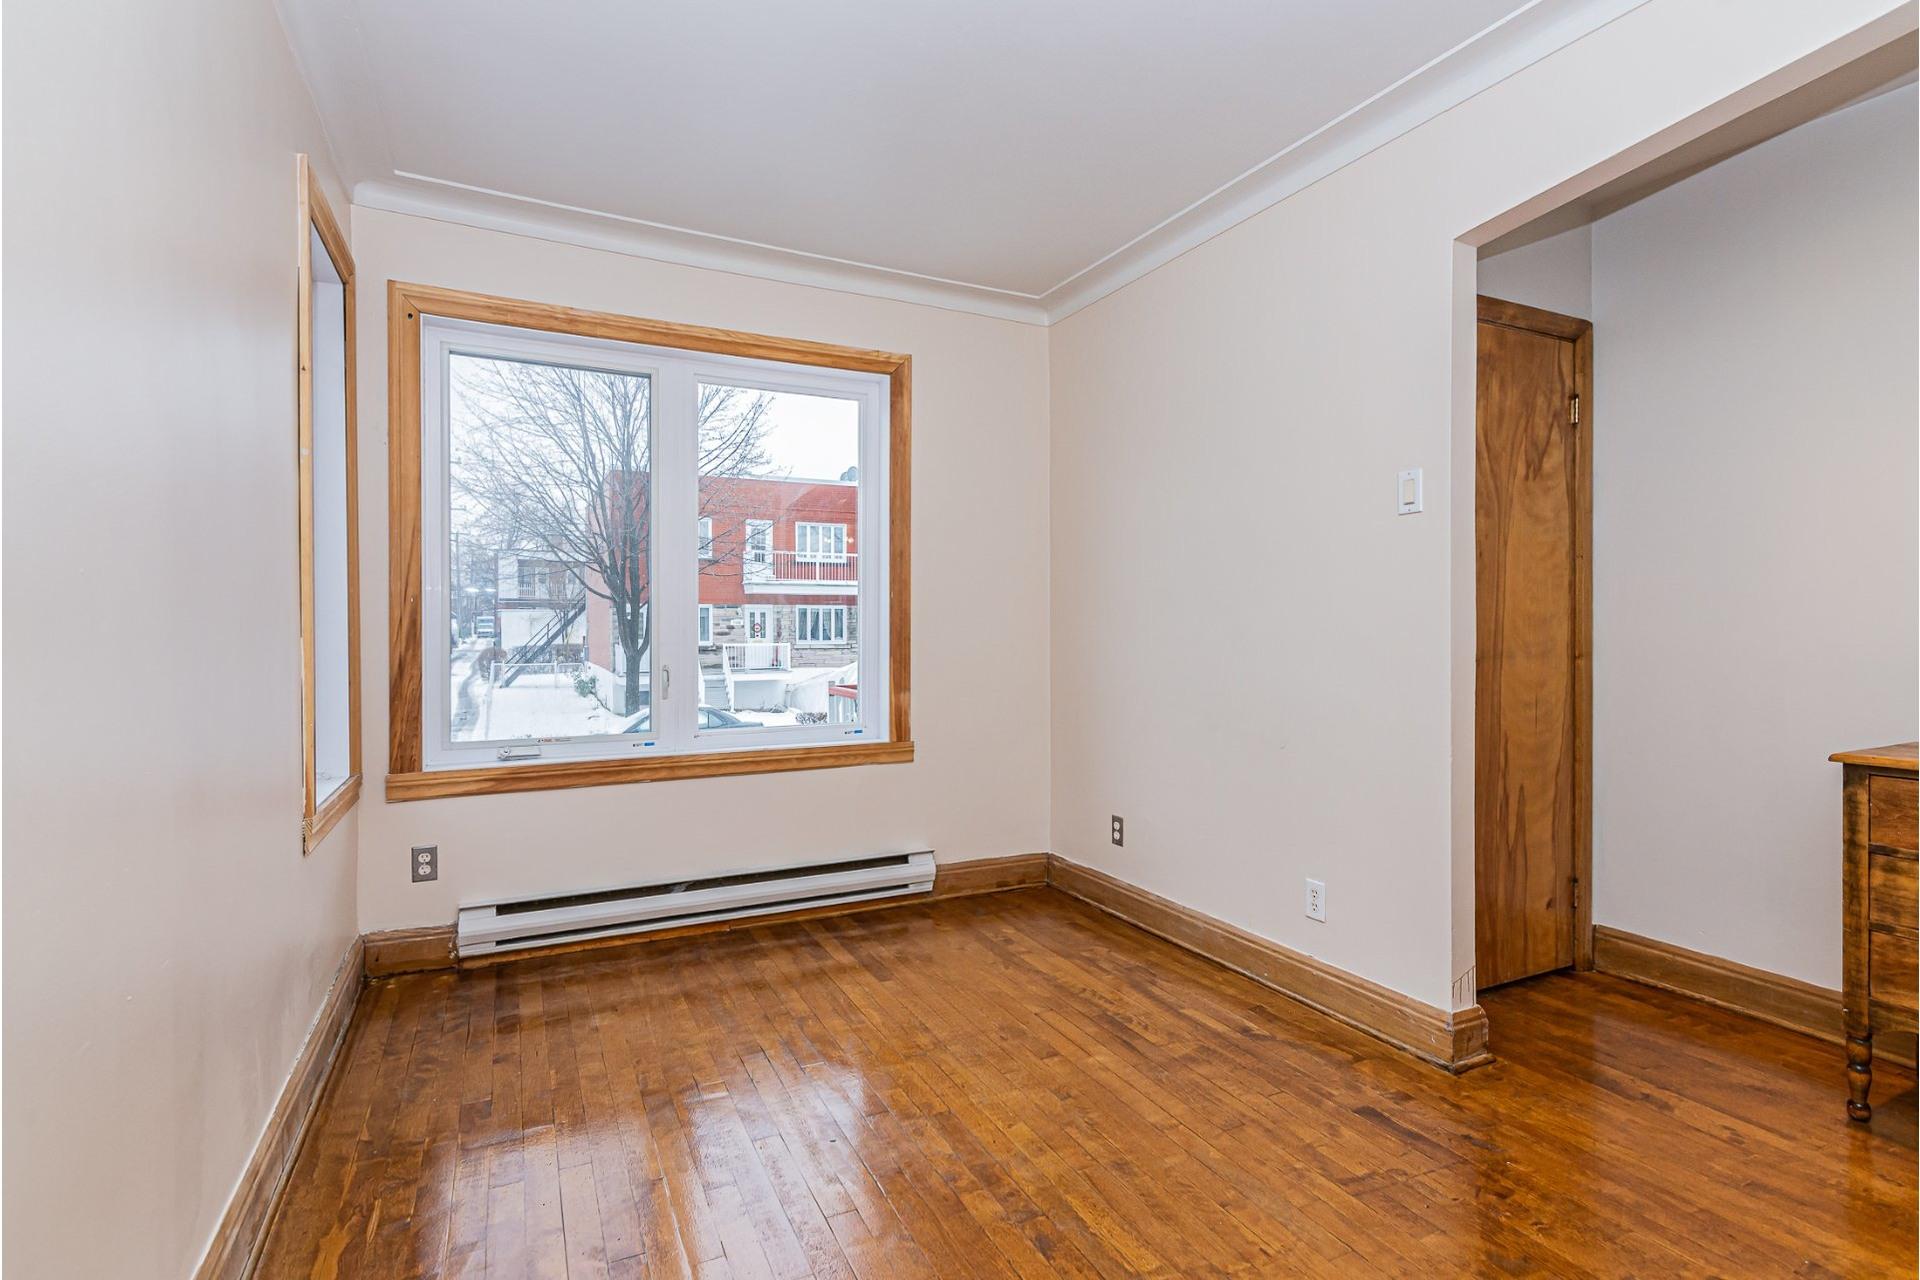 image 3 - Triplex For sale Villeray/Saint-Michel/Parc-Extension Montréal  - 6 rooms